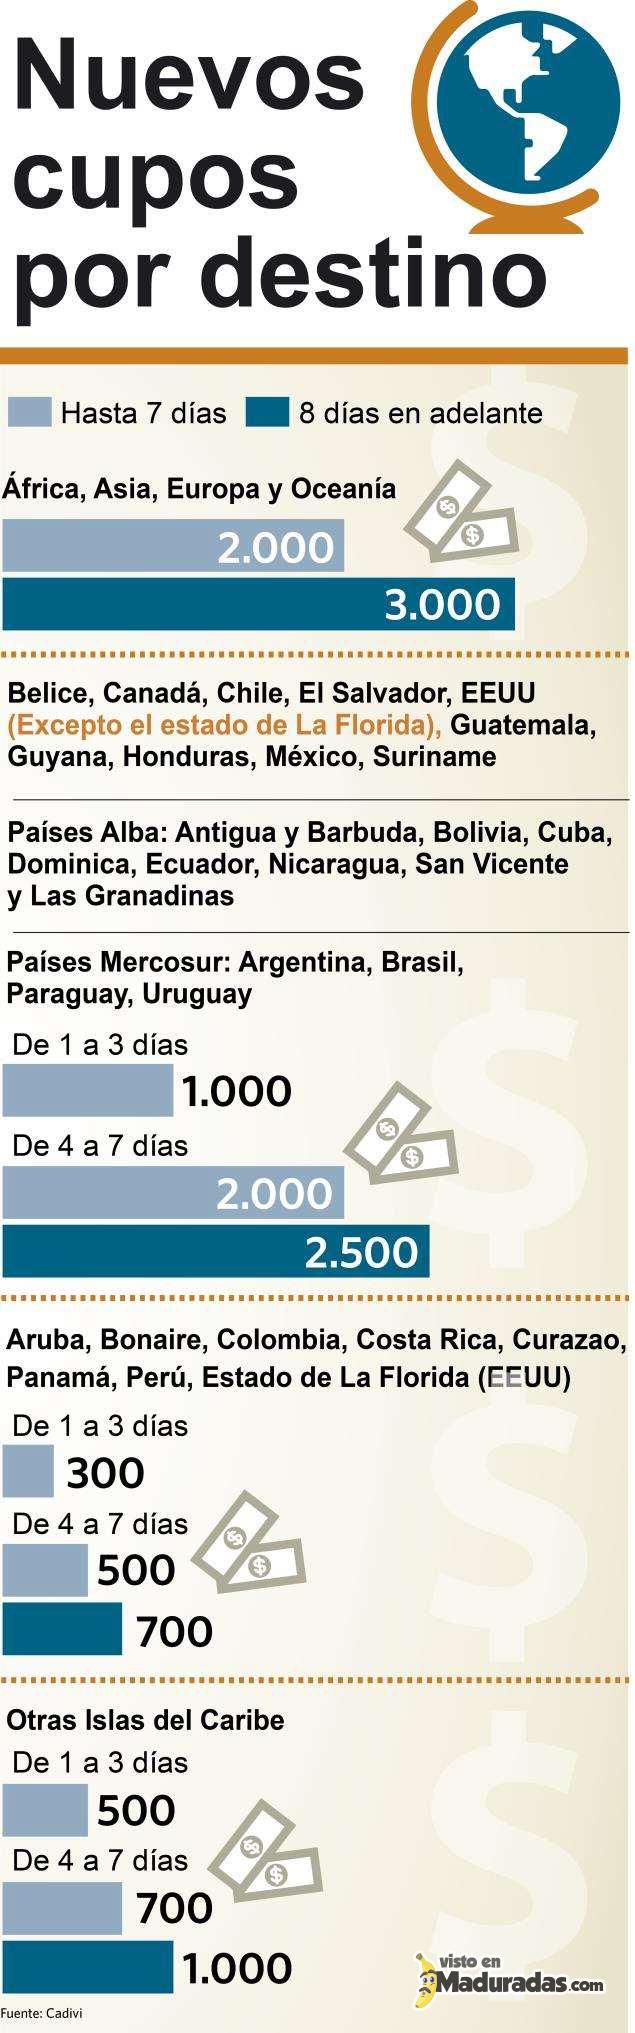 Nuevos Cupos Nuevo Procedimiento de CADIVI Dolares Control de Cambio Venezuela 2